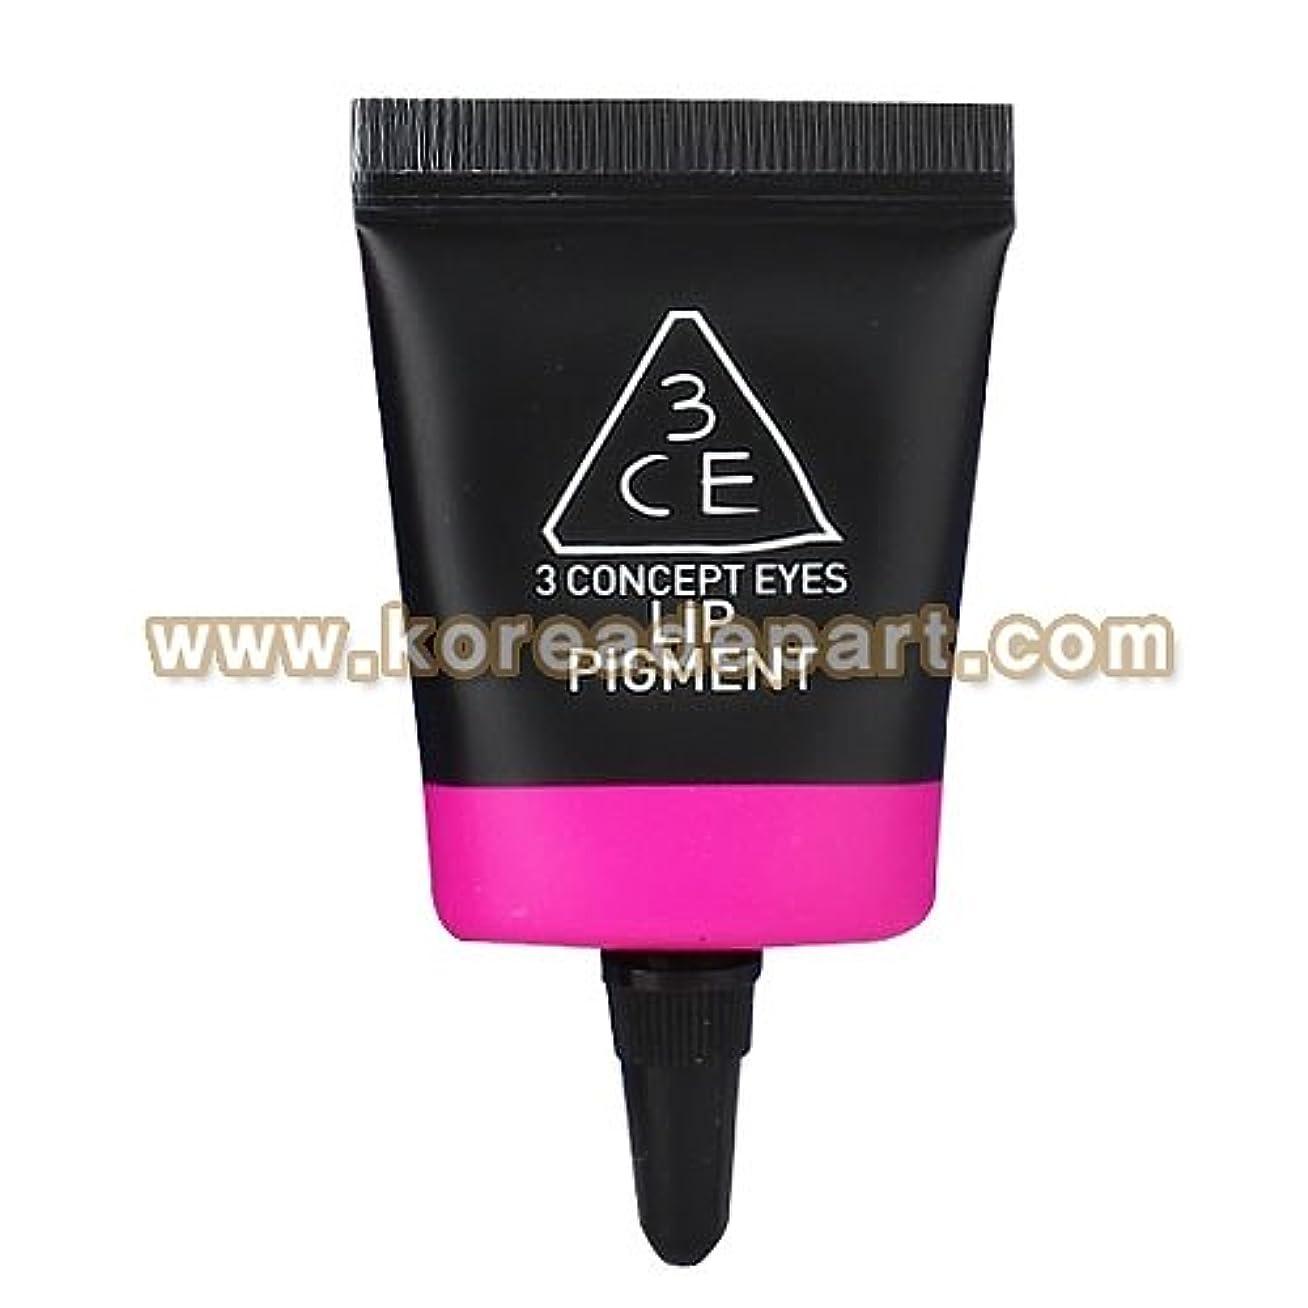 戸棚運賃北へ3CE リップ ピグメント (electro pink) [海外直送品][並行輸入品]